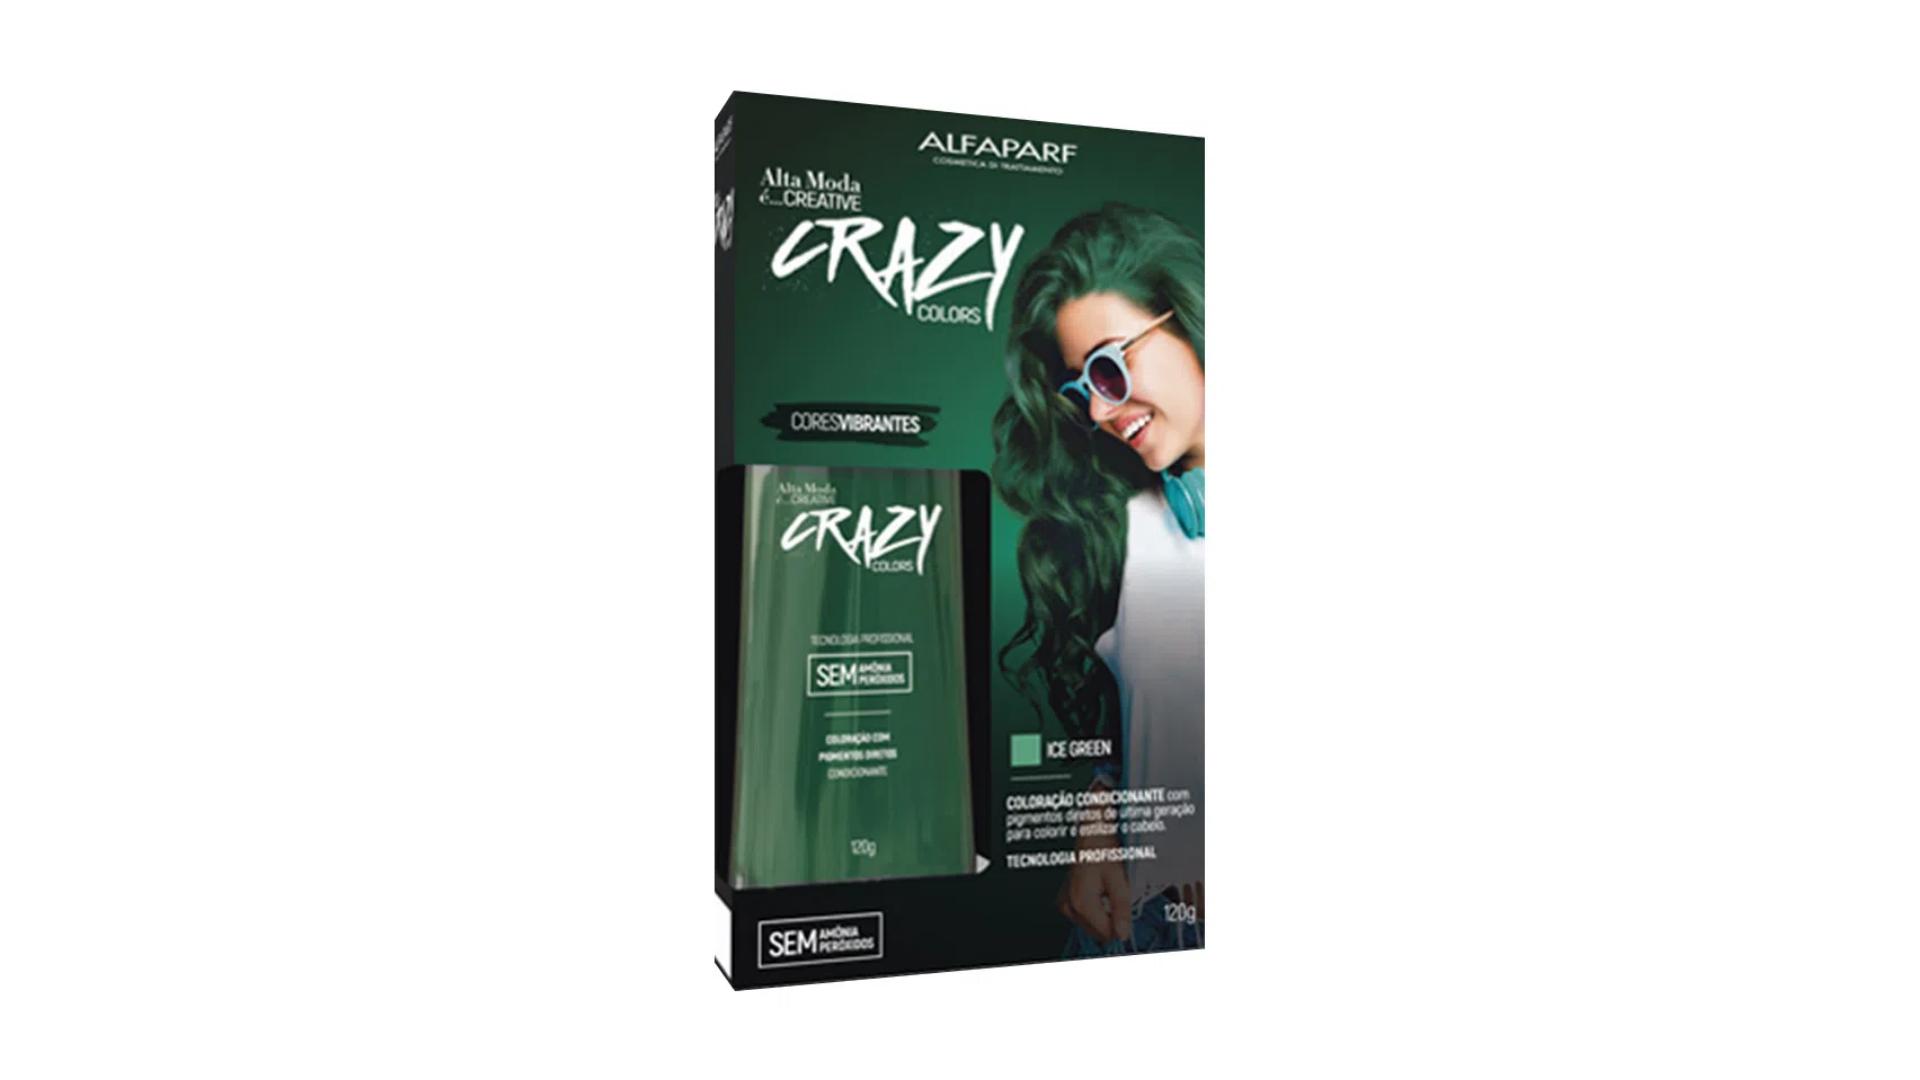 Tinta para cabelo colorido da Alfaparf na cor Ice Green